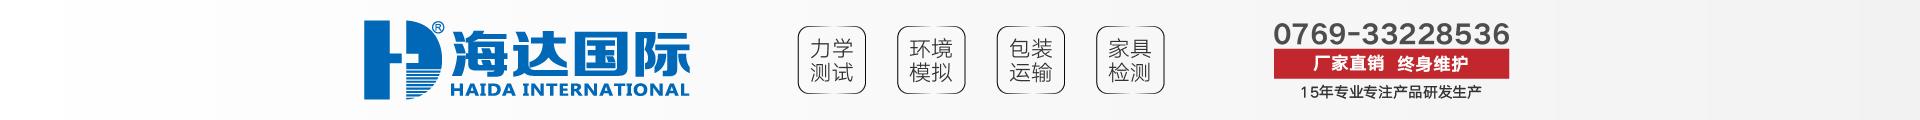 東莞市海達儀器有限公司